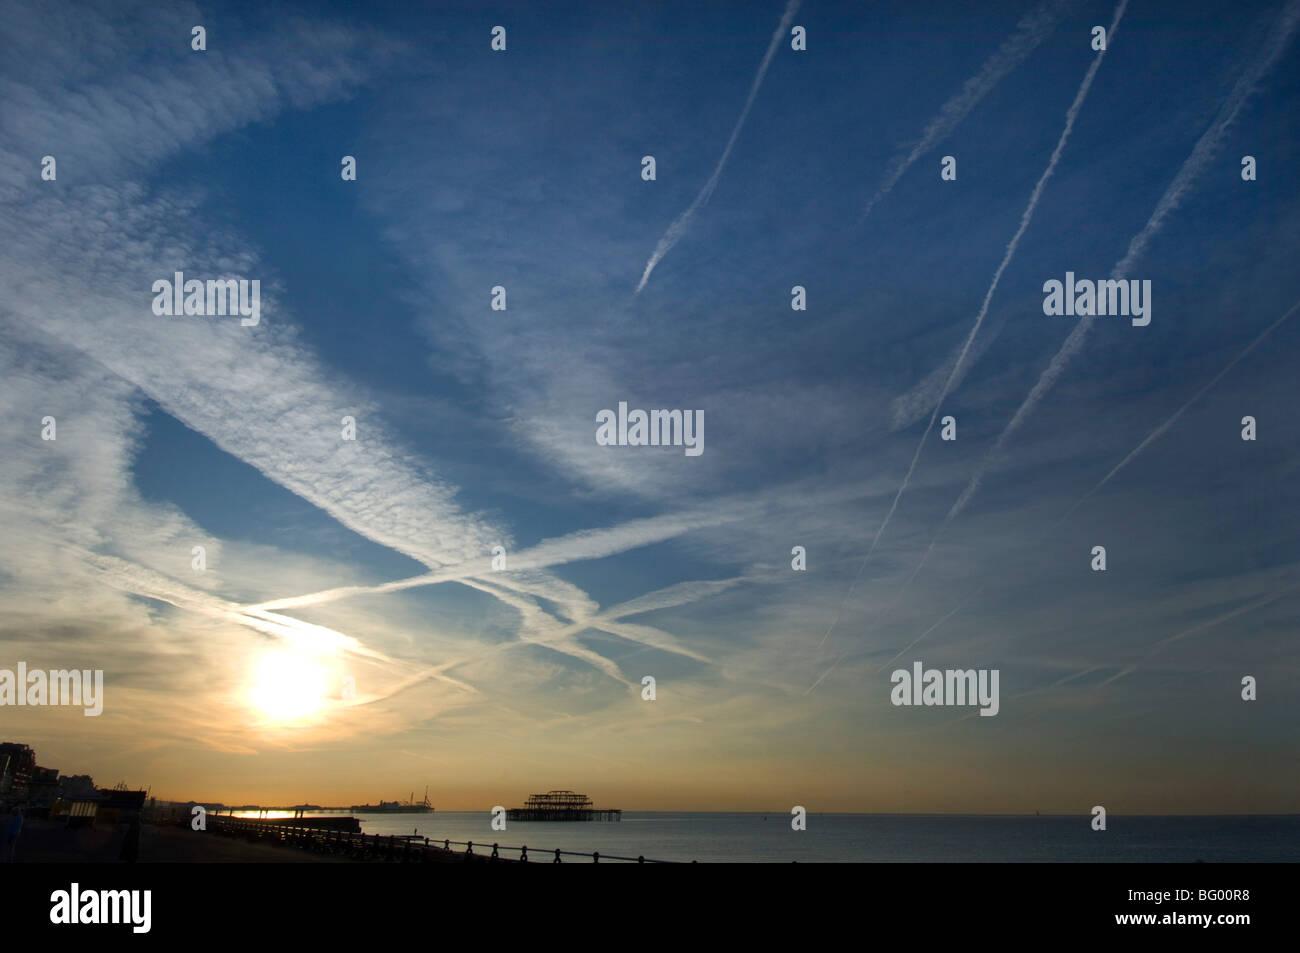 Alba sul lungomare di Brighton con jet striature nel cielo e il molo di ponente profilarsi in lontananza. Immagini Stock